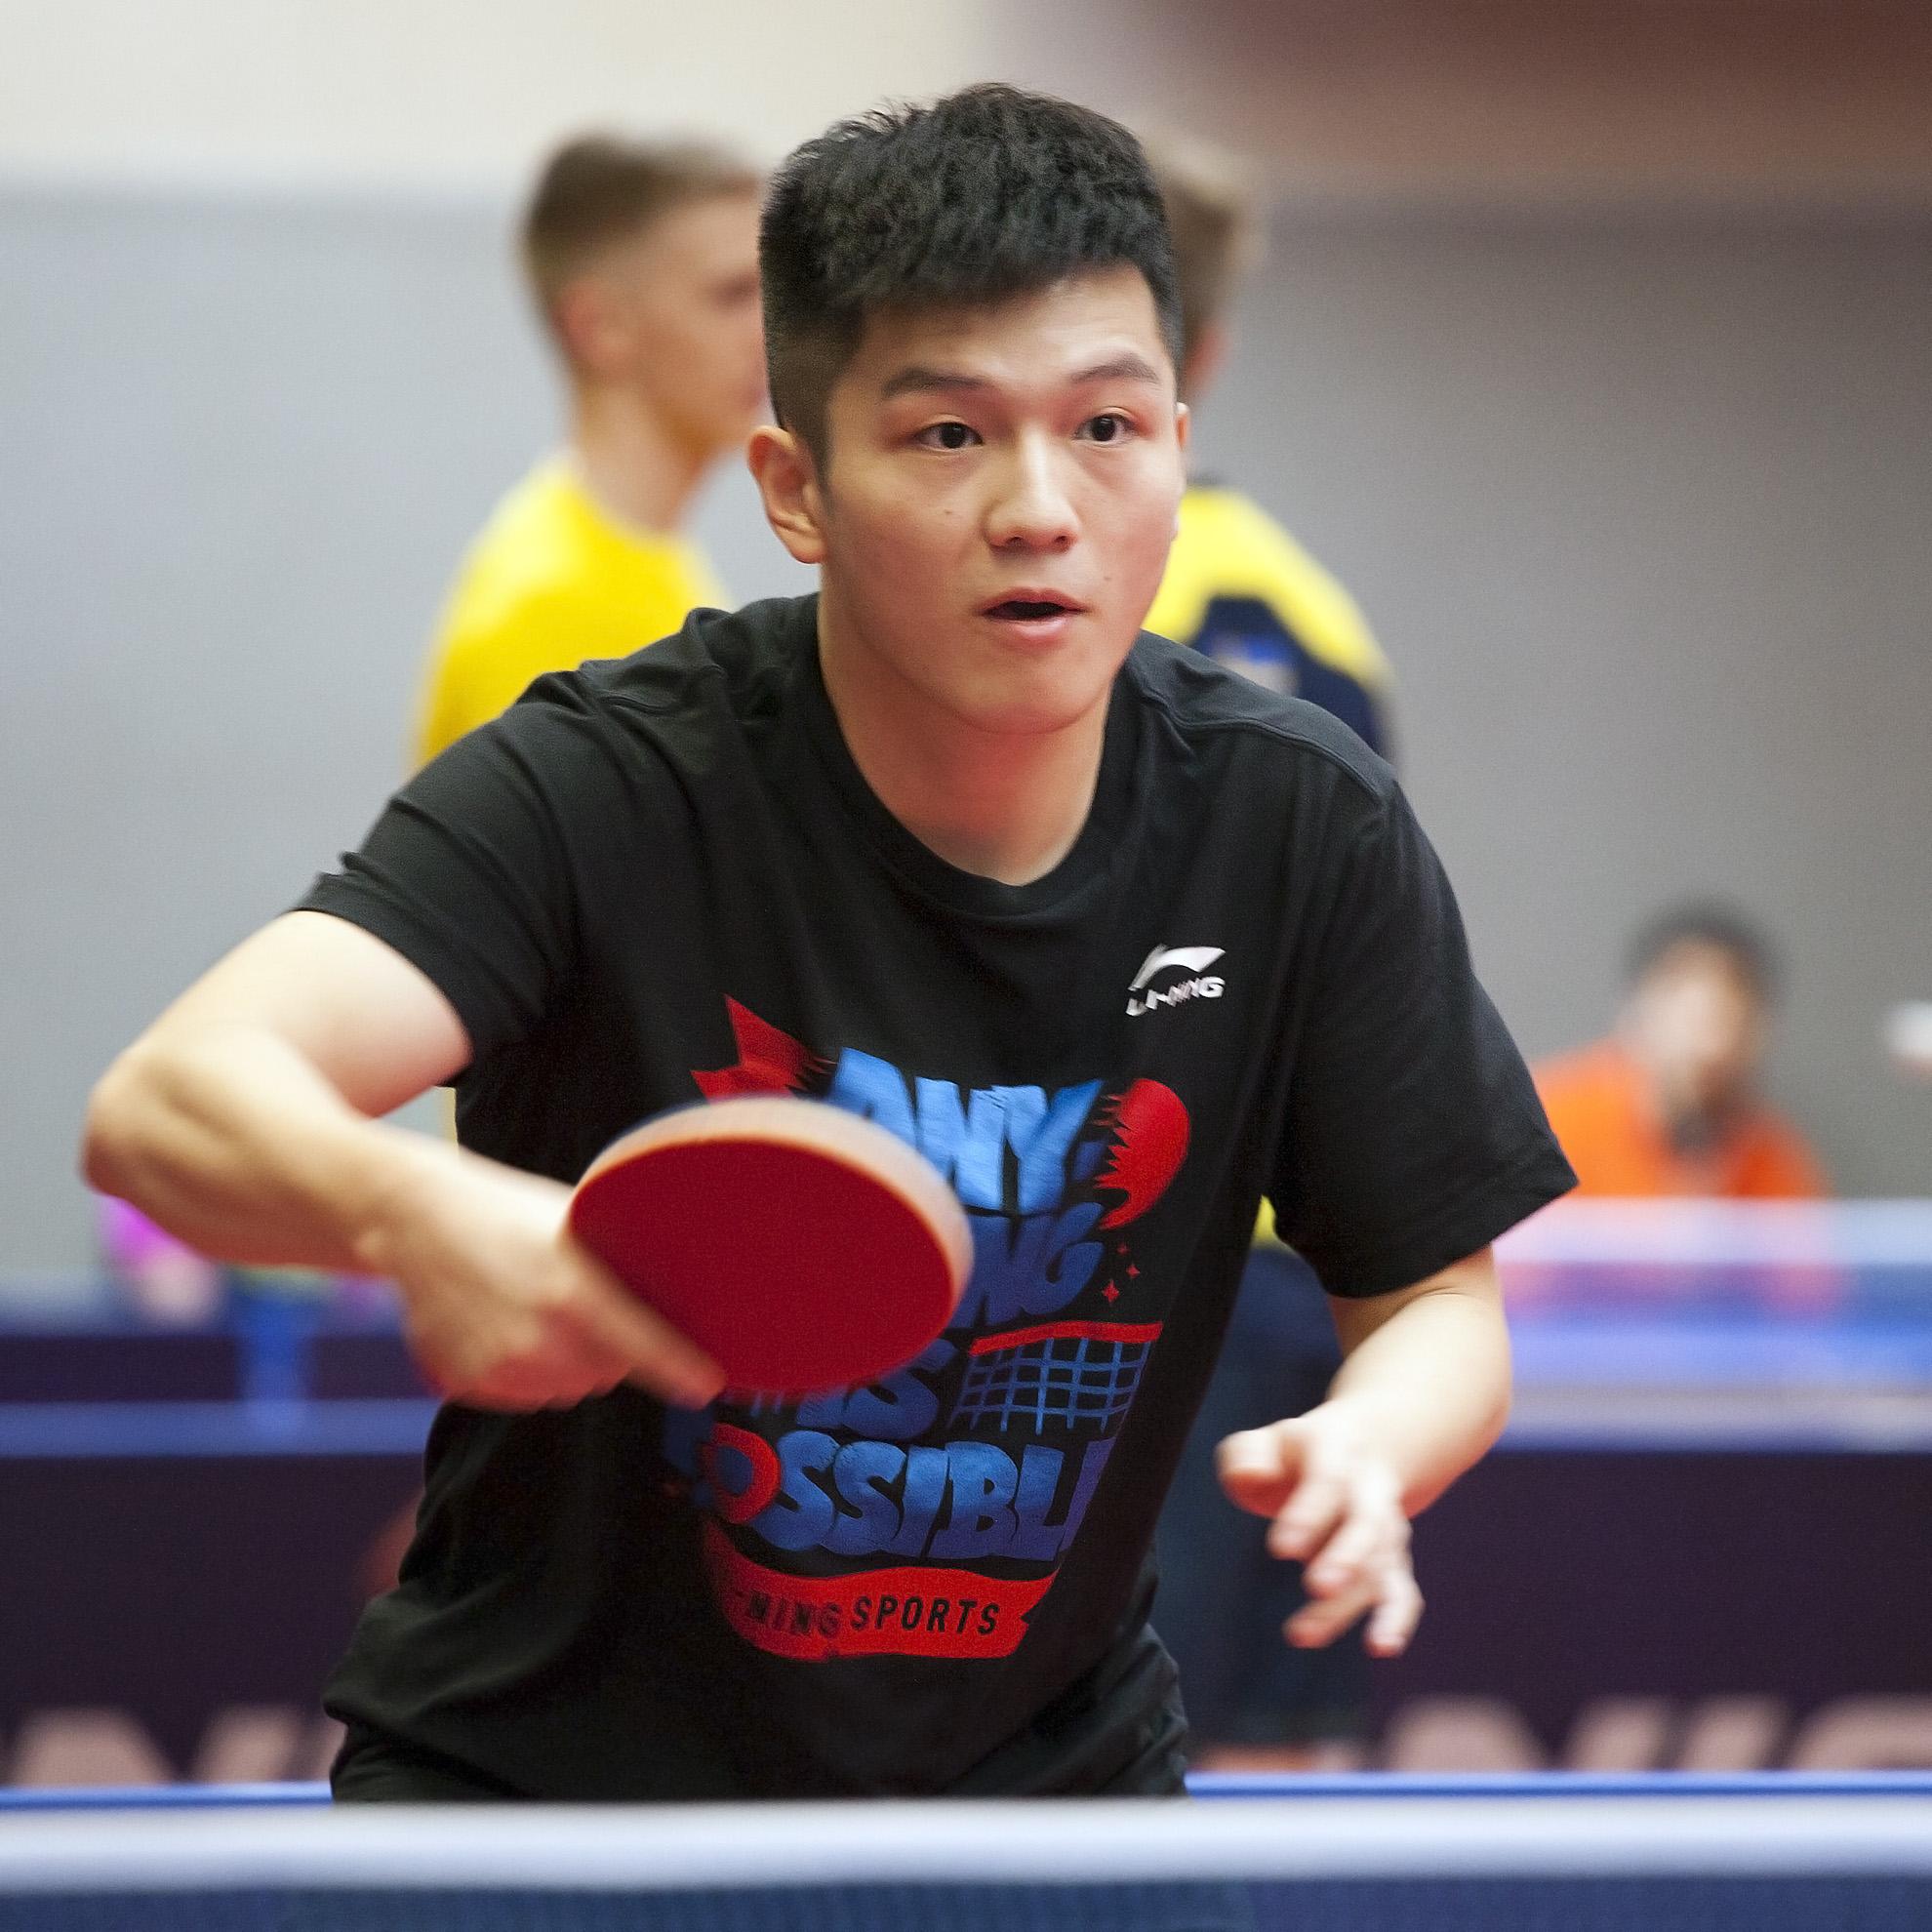 Ittf Ranking: Fan Zhendong, Chen Meng Start Decade On Top Of The World